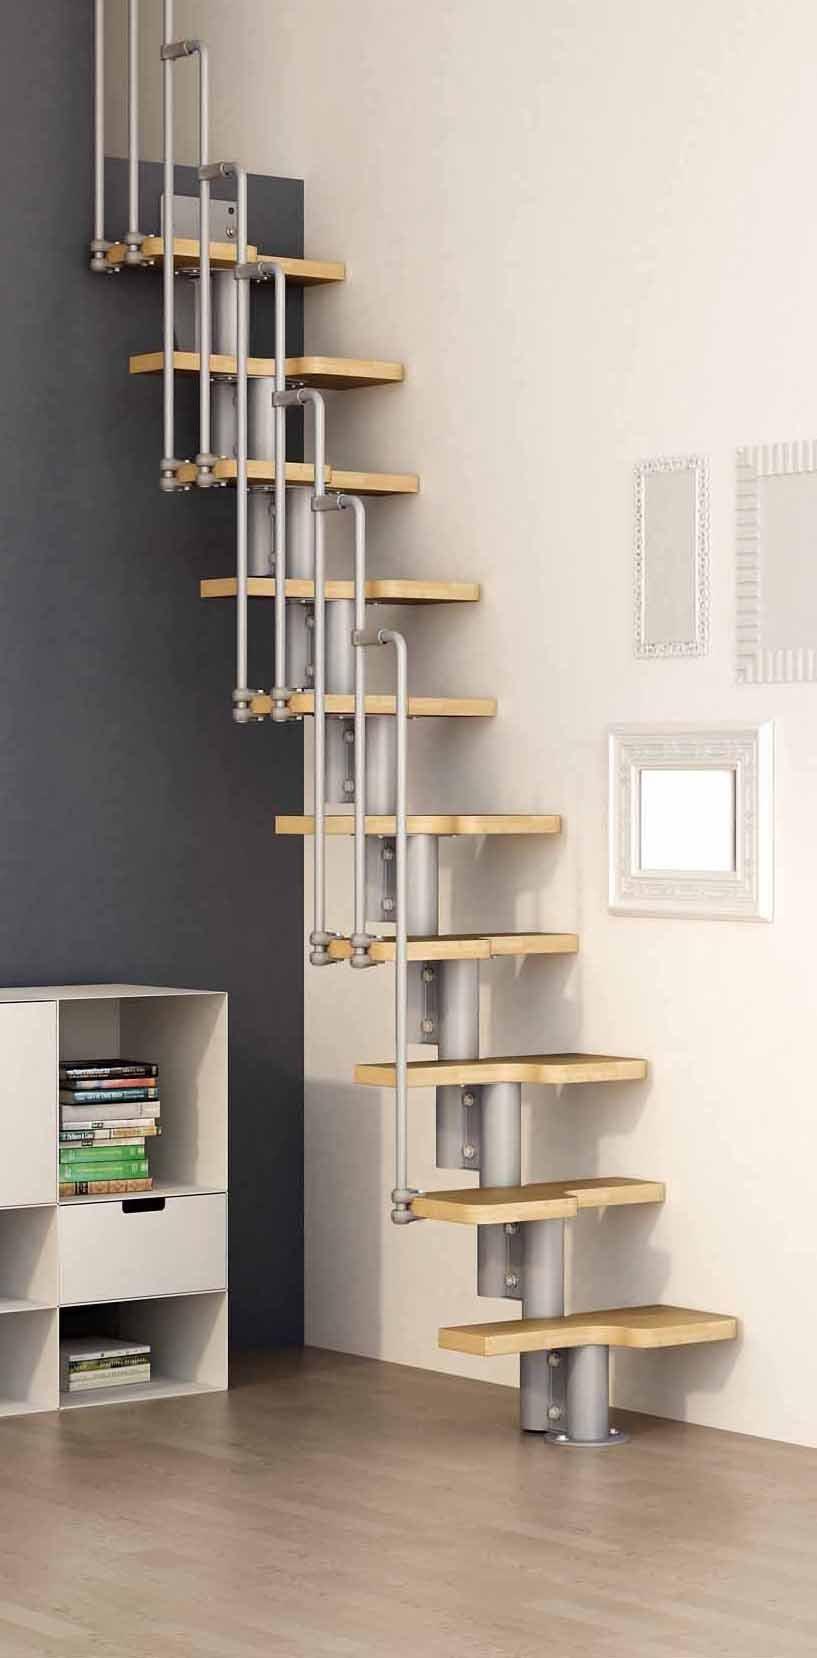 Ringhiera Scala Fai Da Te scale, fra varianti strutturali e idee di design. regole